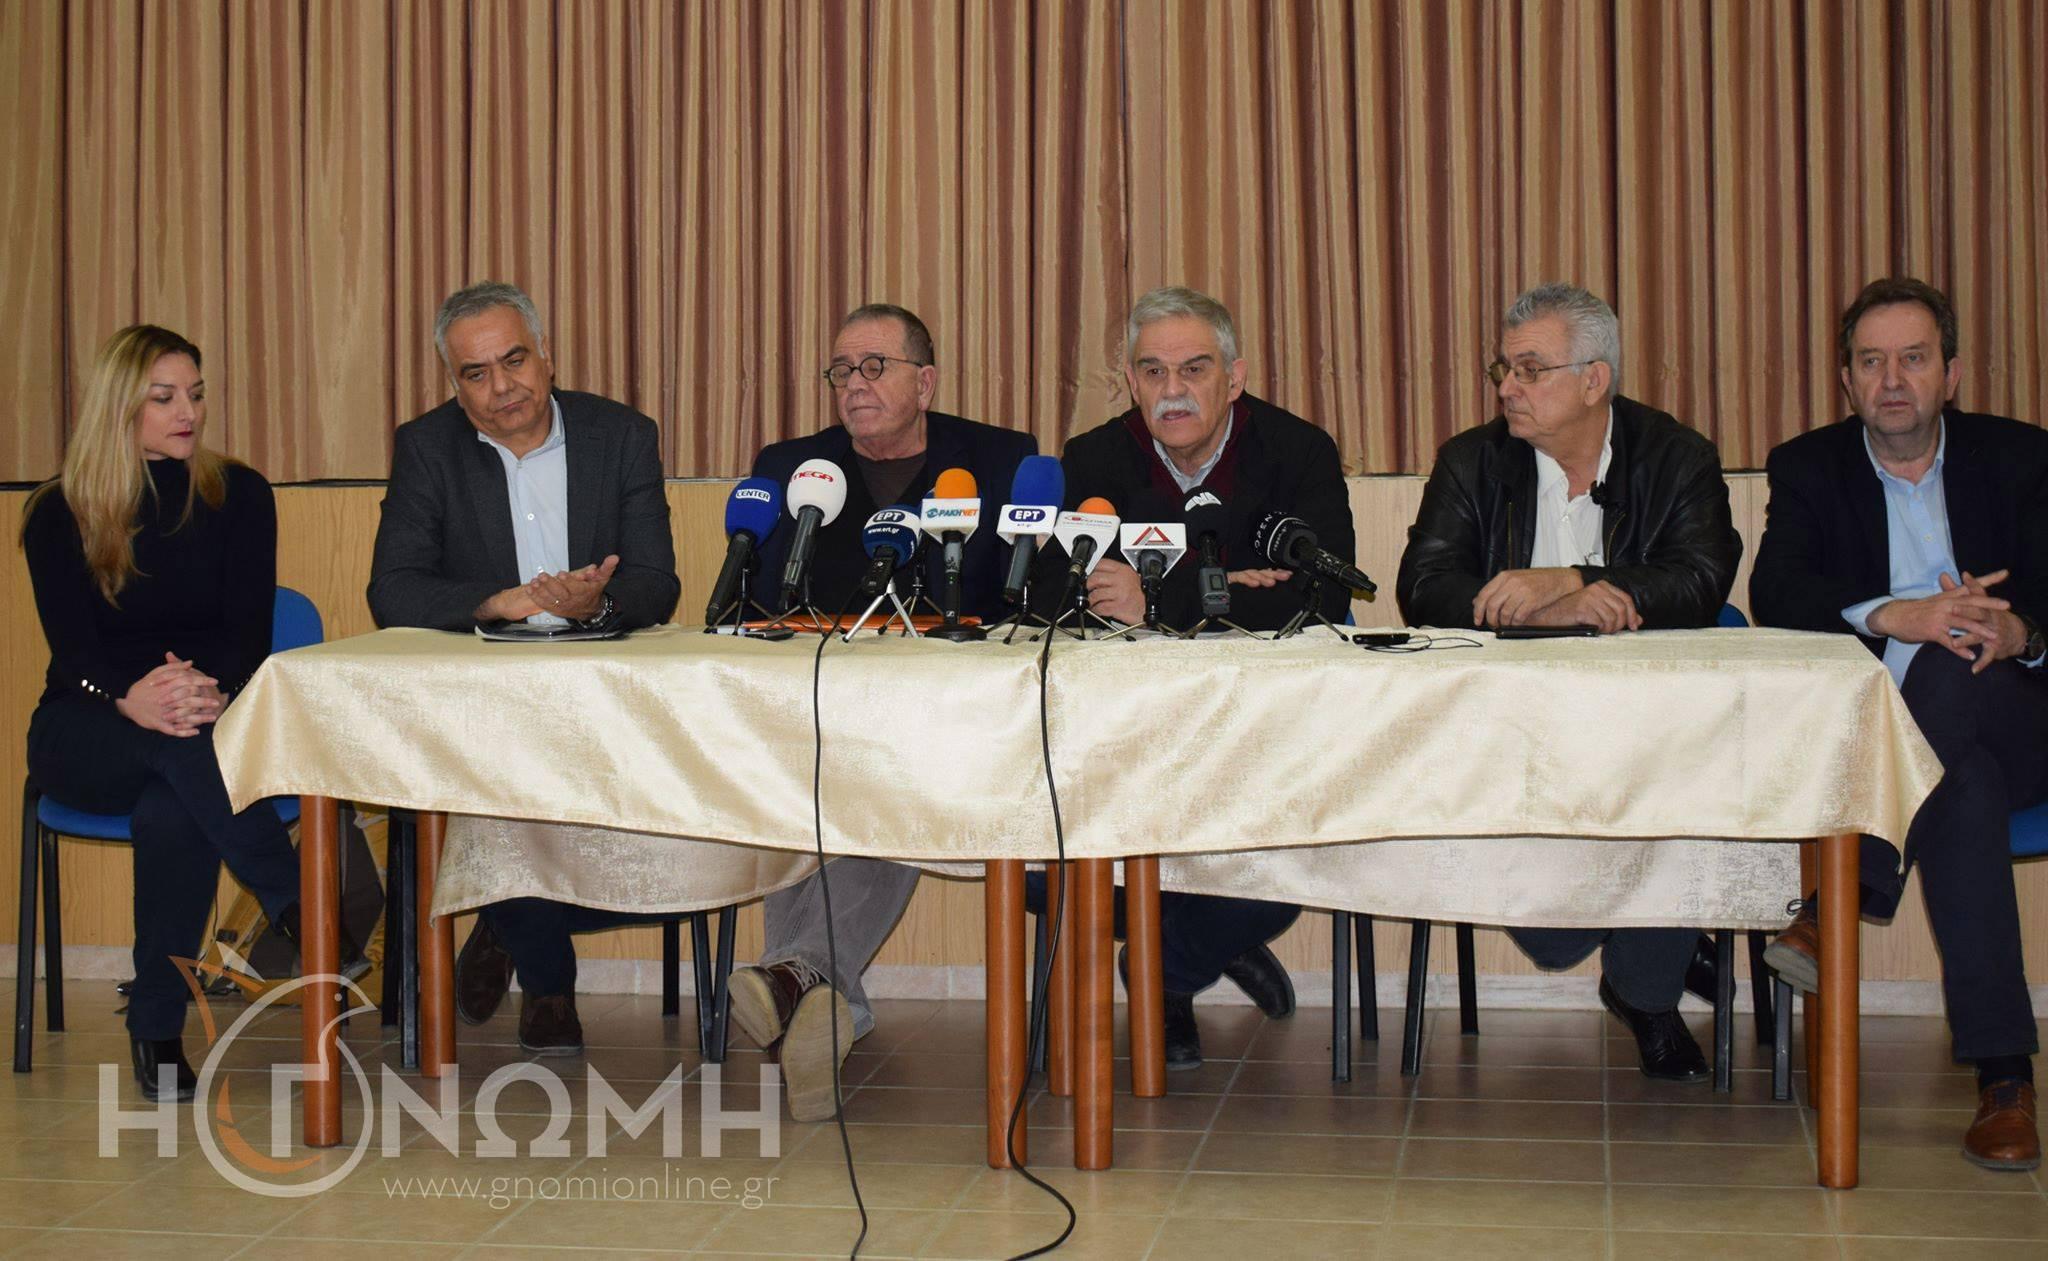 Επίσκεψη κλιμακίου του ΣΥΡΙΖΑ στον Έβρο: «Όχι» στην εργαλειοποίηση του προσφυγικού